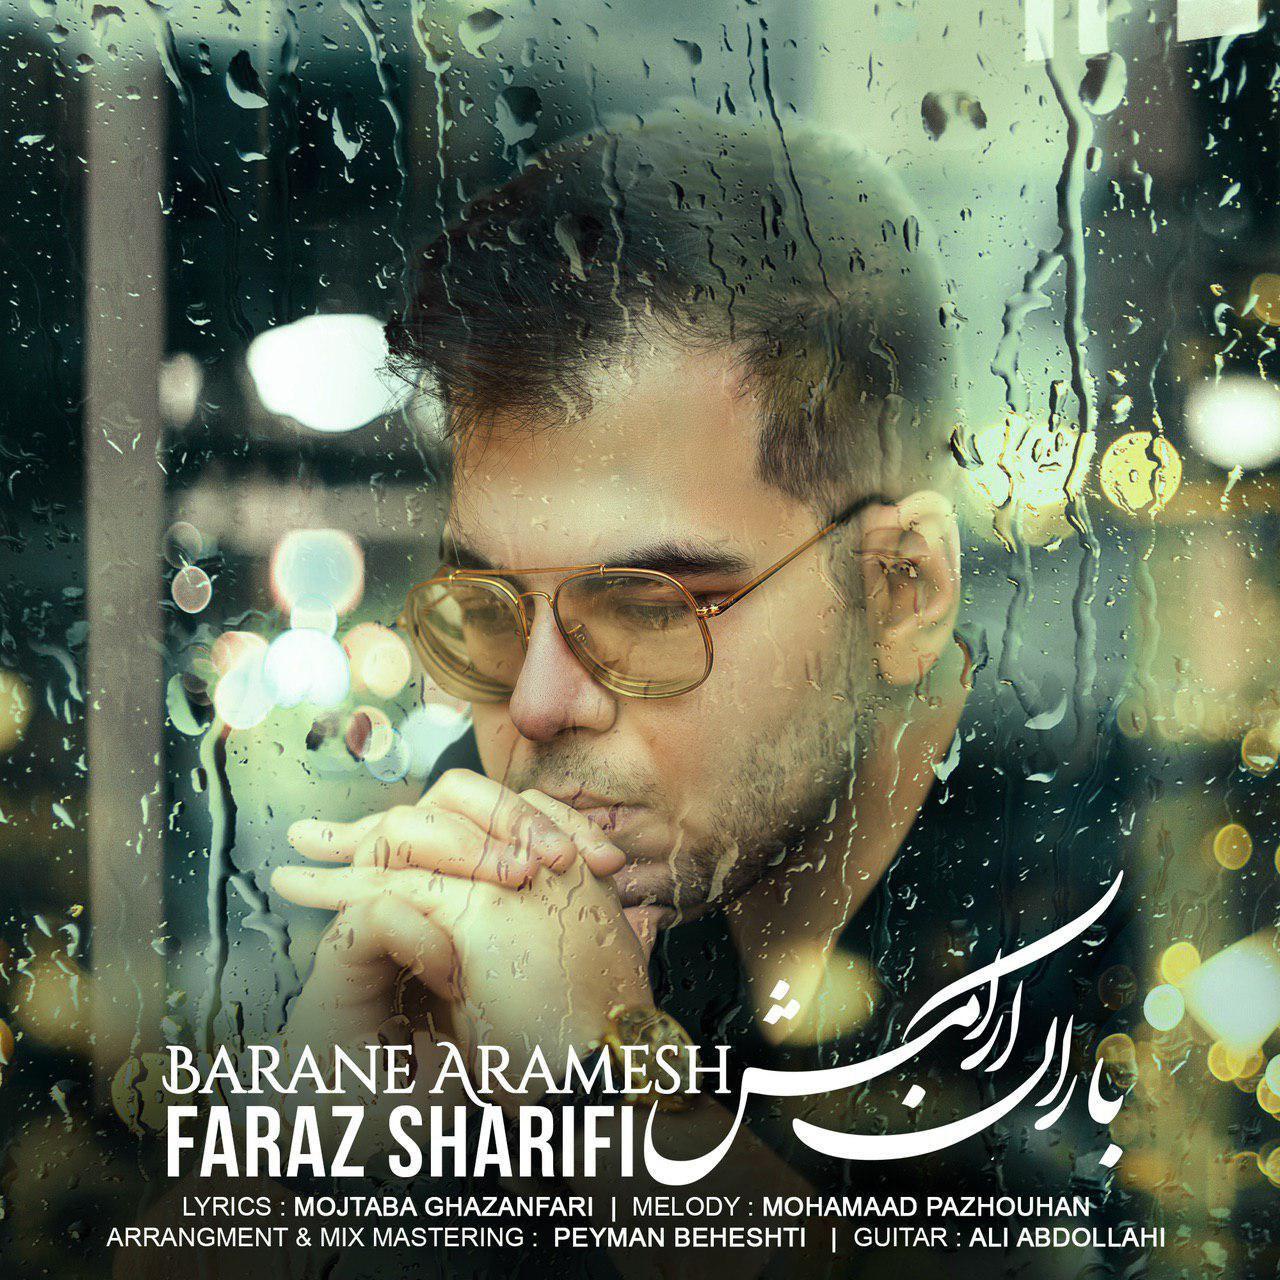 Faraz Sharifi – Barane Aramesh